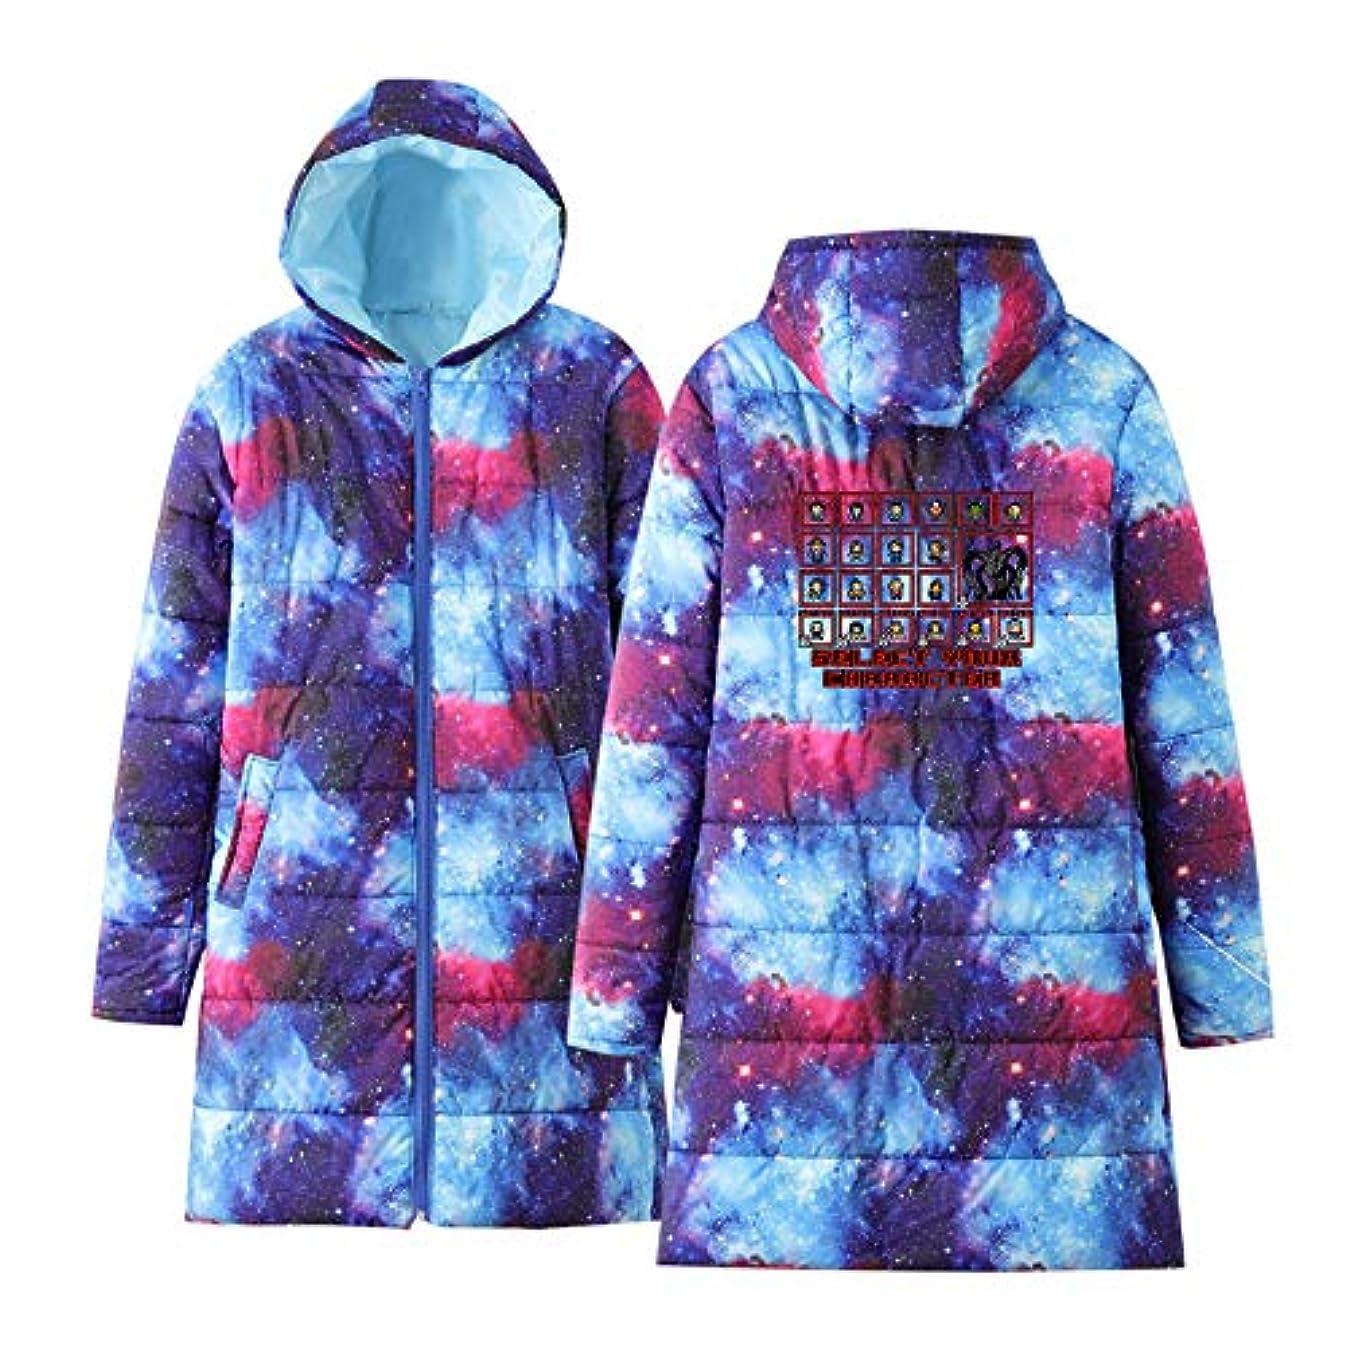 発表寄り添うブレーキ男性と女性の軽量コート超軽量ヒップレングスフード付きジャケットロングスリーブ印刷トレンドダウンジャケット,Starrysky,XXL